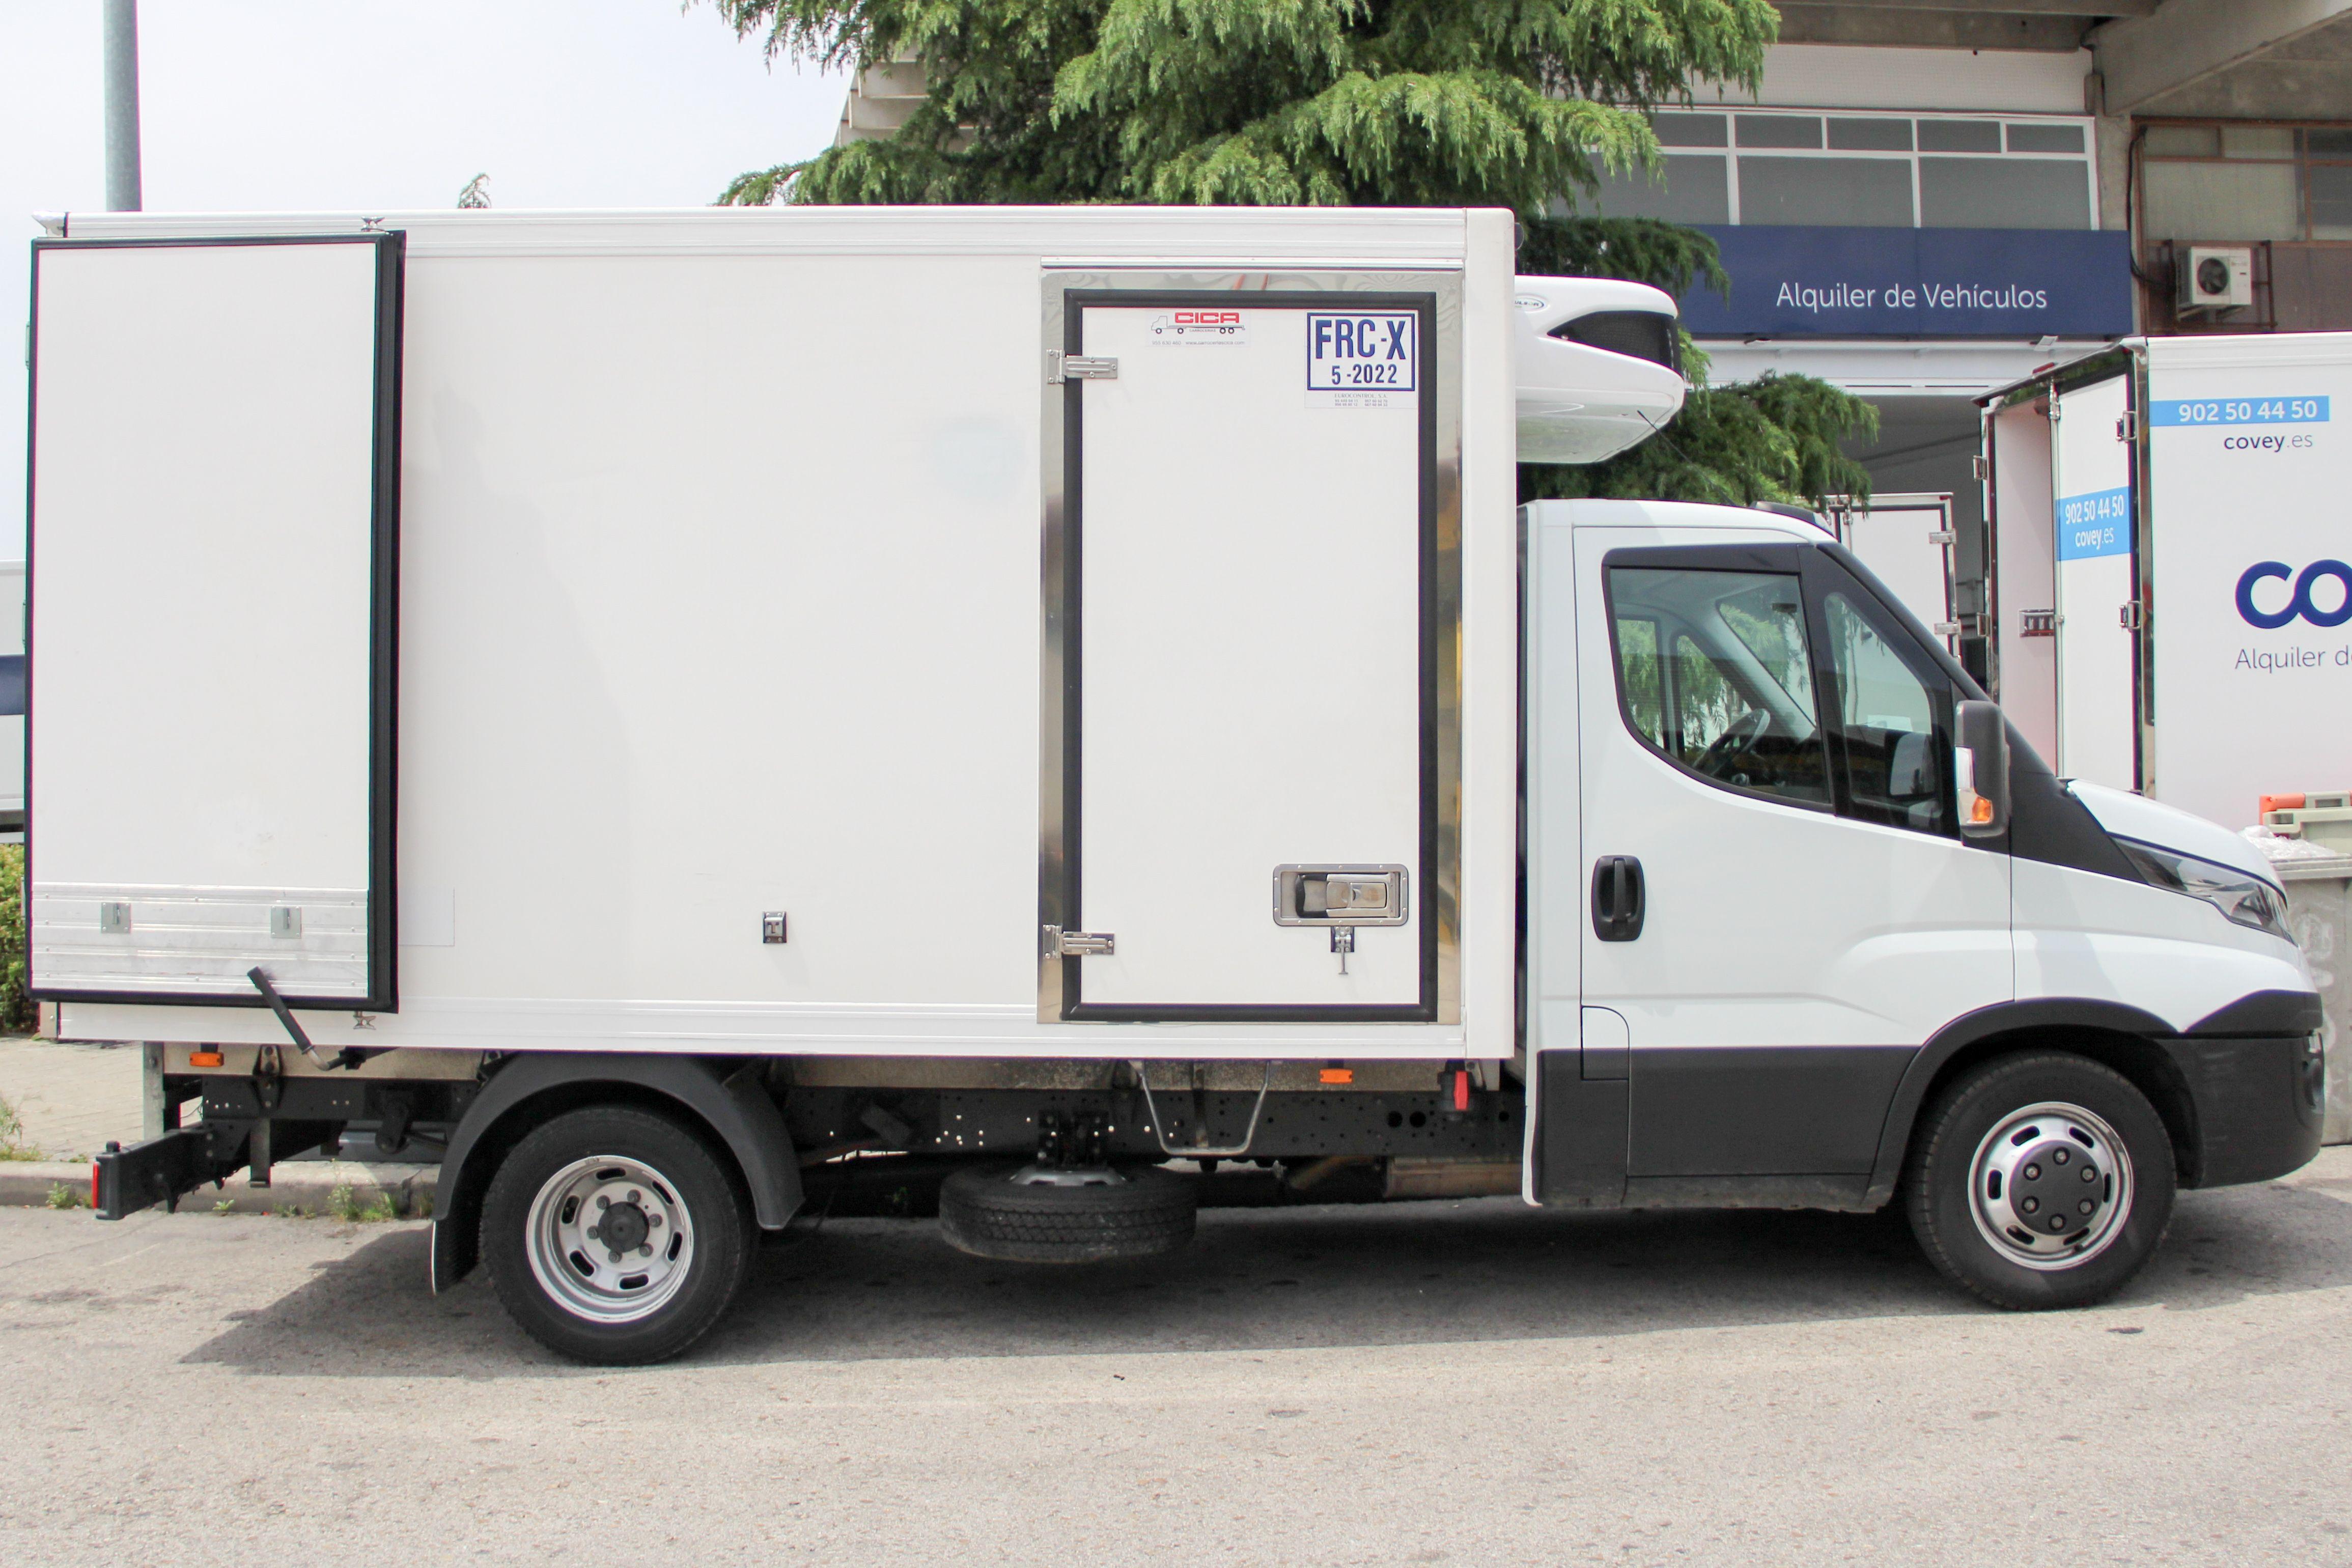 Camiones frigoríficos en Alcalá de Henares